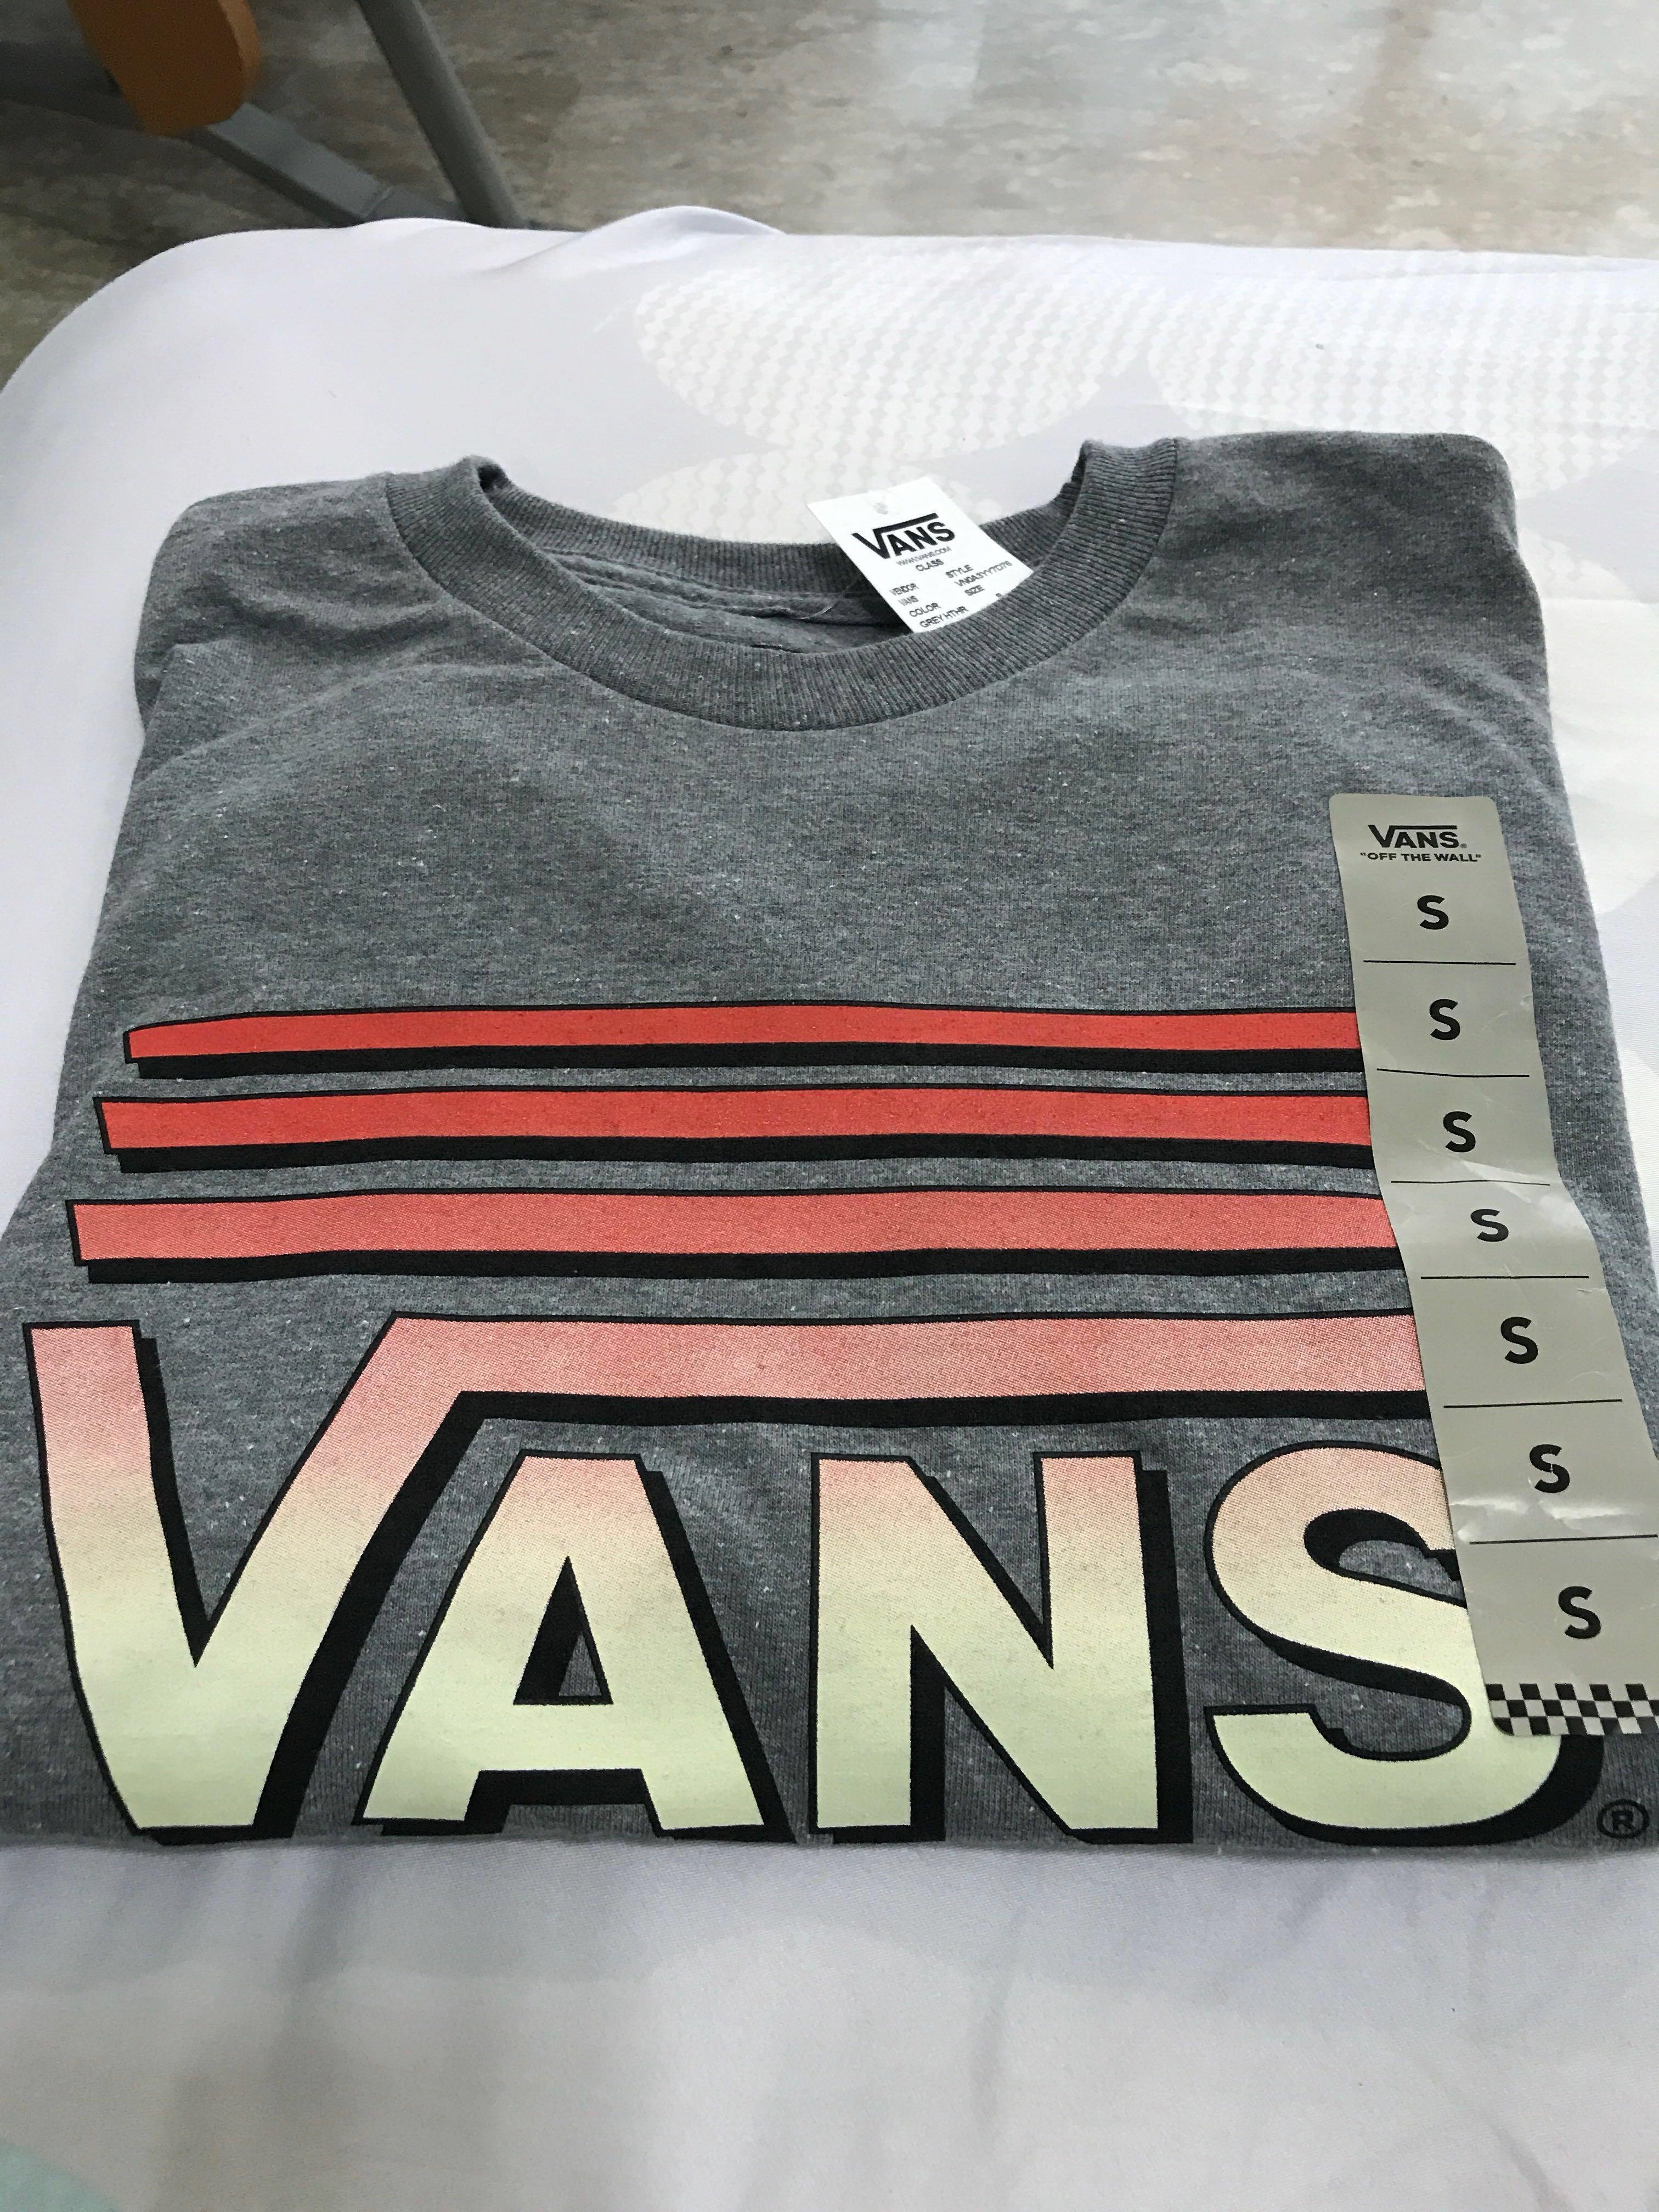 a46433f77d86d2 Home · Men s Fashion · Clothes · Tops. photo photo photo photo photo